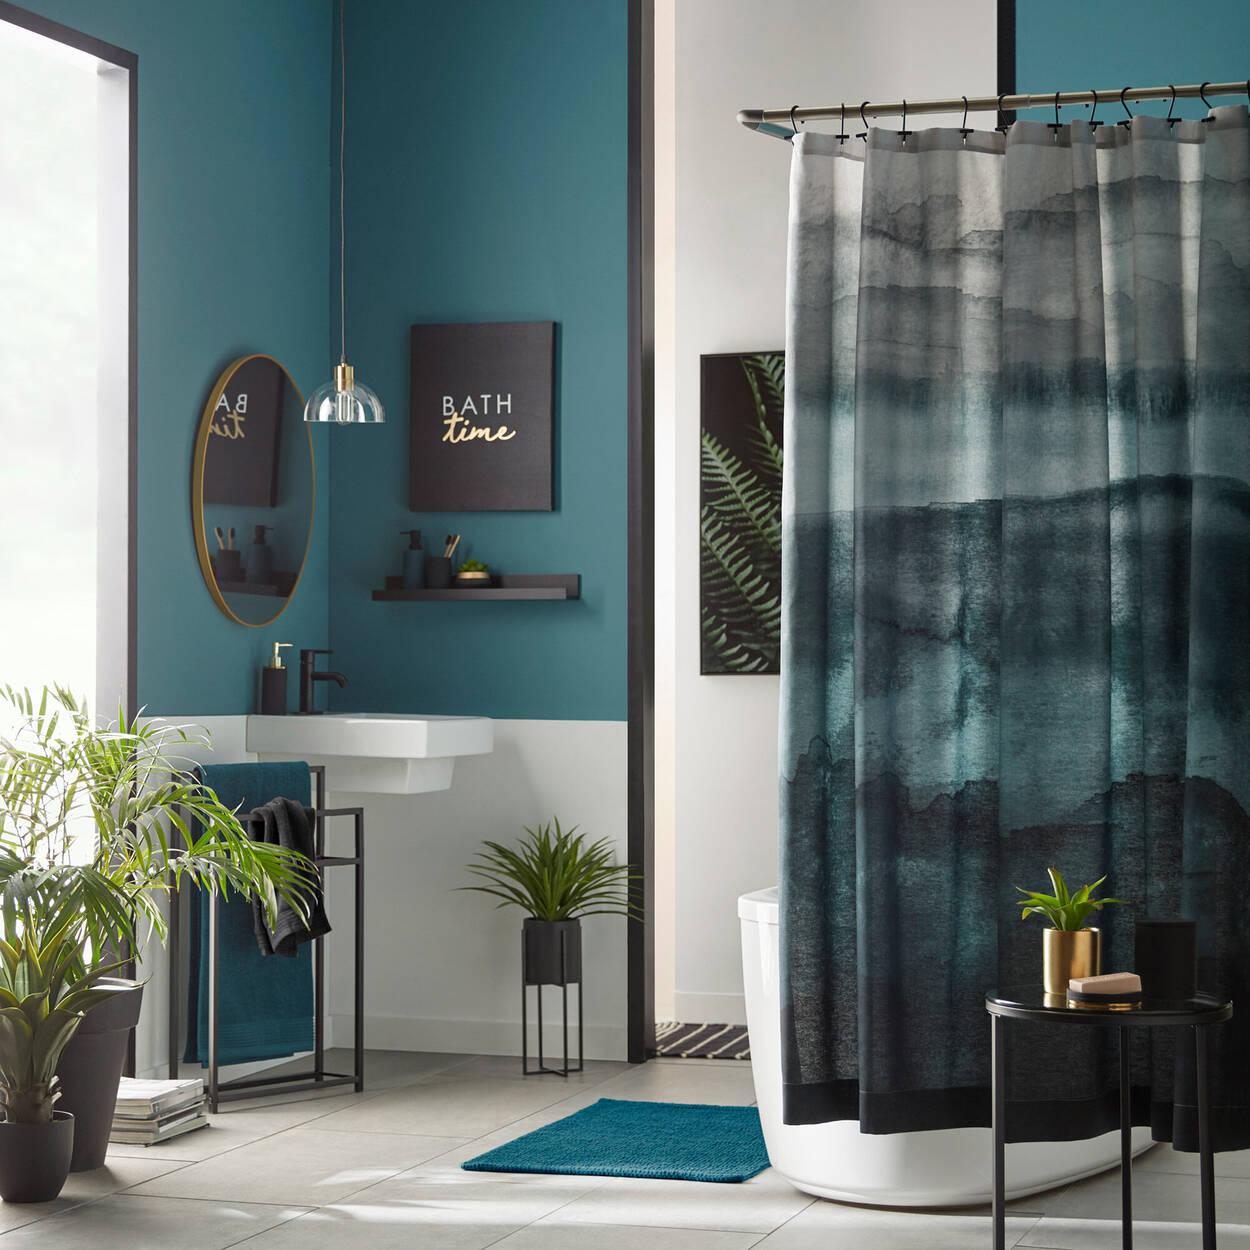 Porte-serviettes en métal